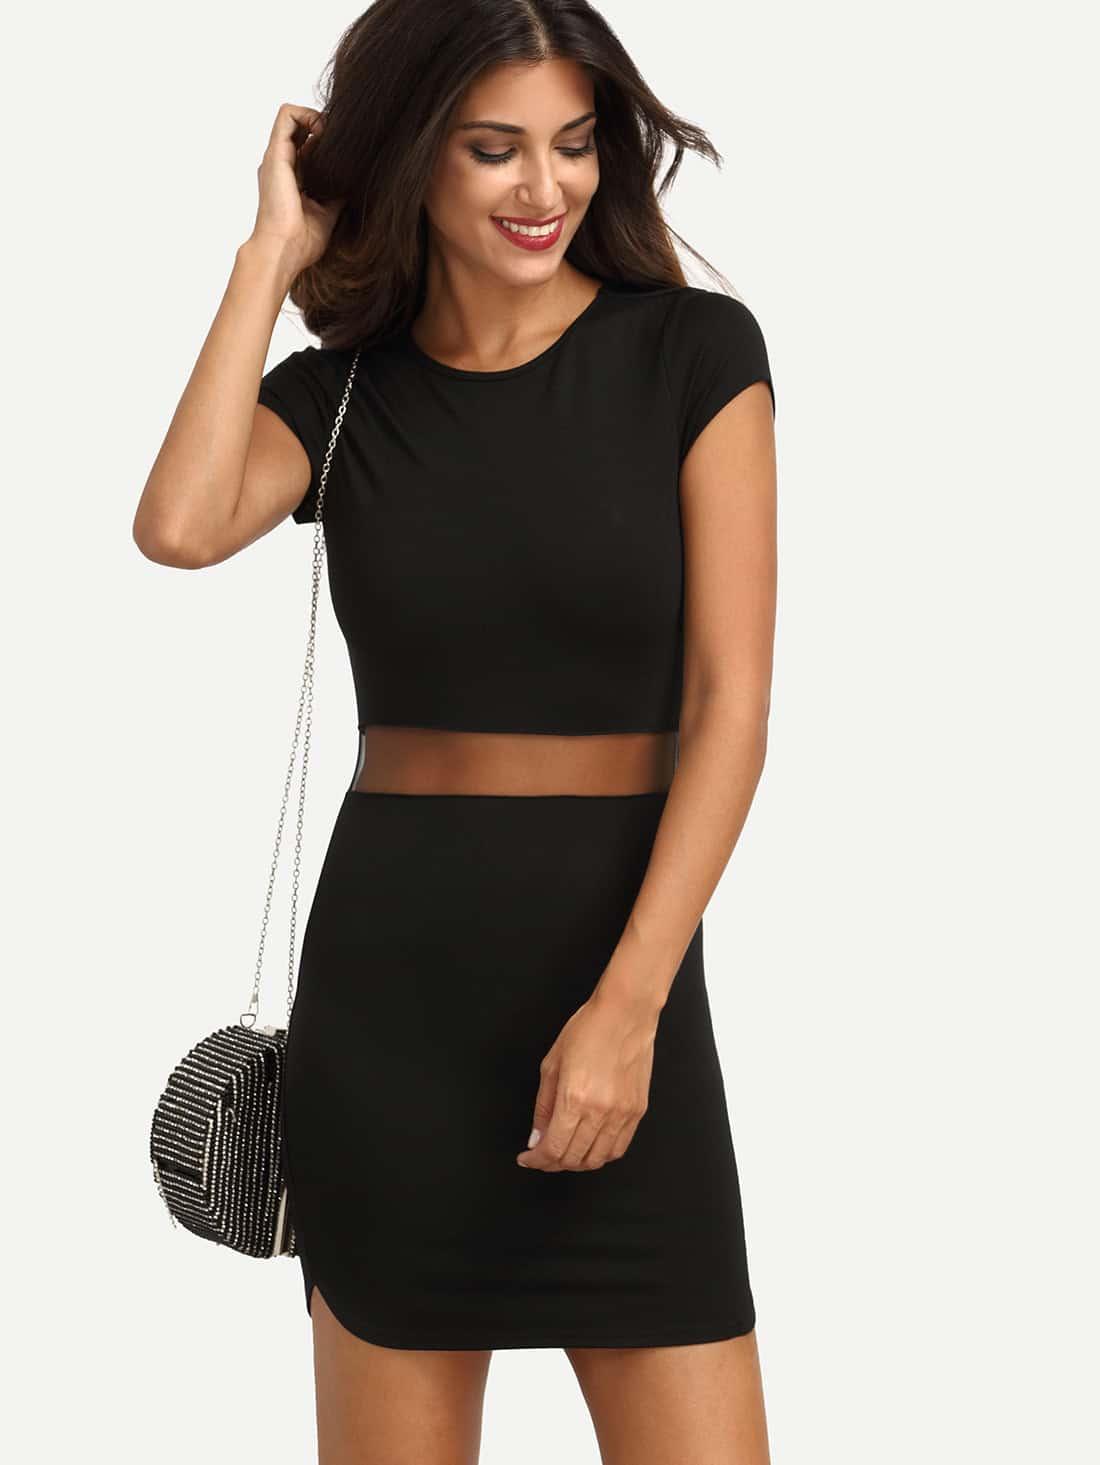 Mesh Insert Split Side Bodycon Dress sequin mesh insert bodycon club dress